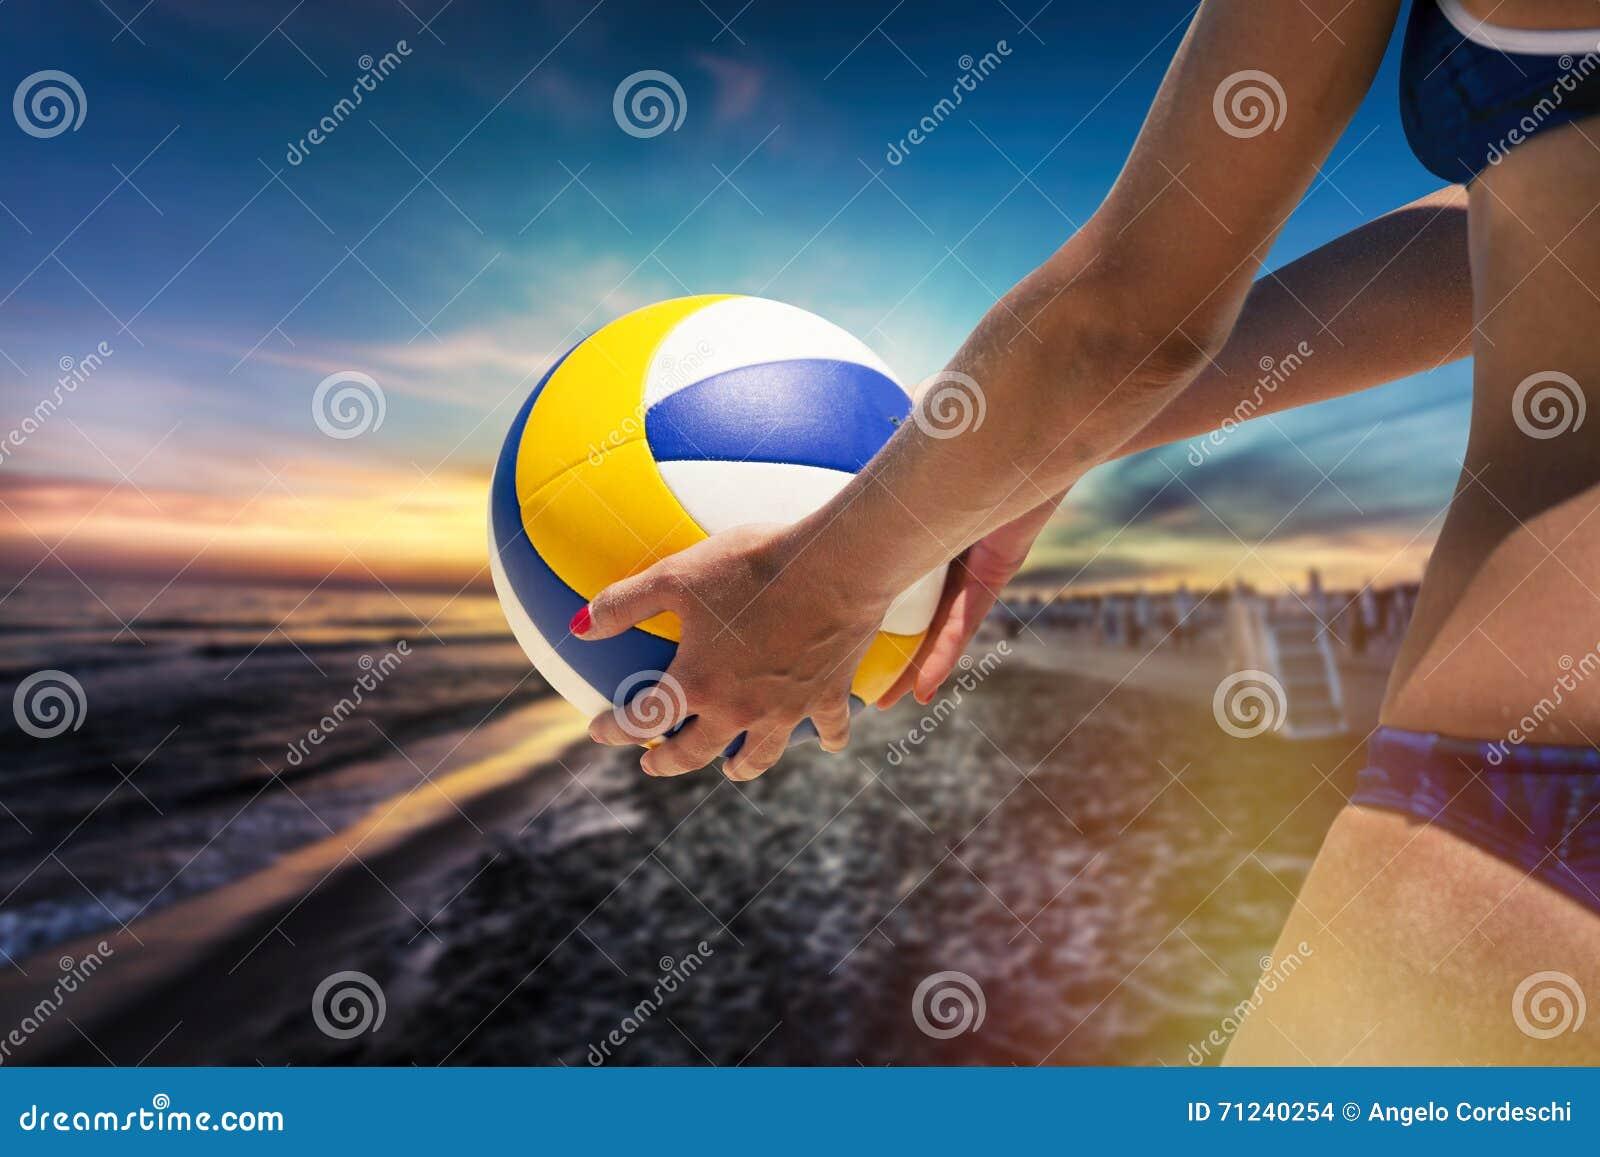 7a81a8568 Jogador De Voleibol Da Praia